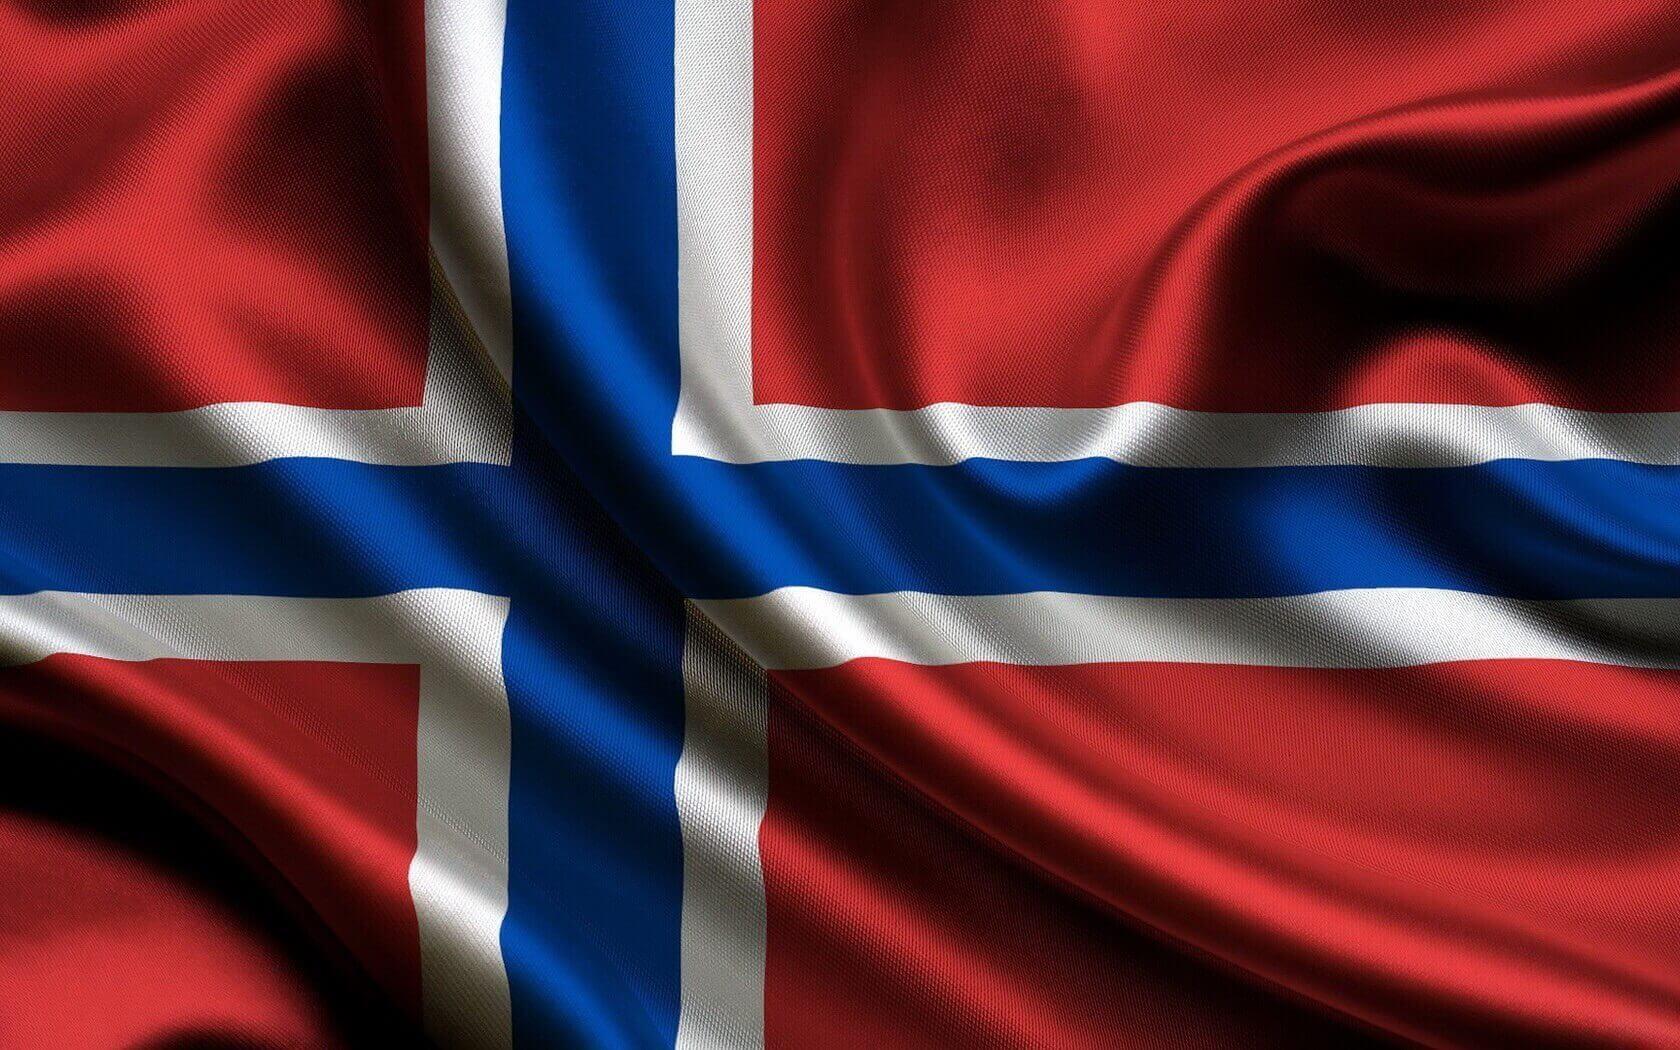 Går Norge sakte mot regulering slik som våre naboer?